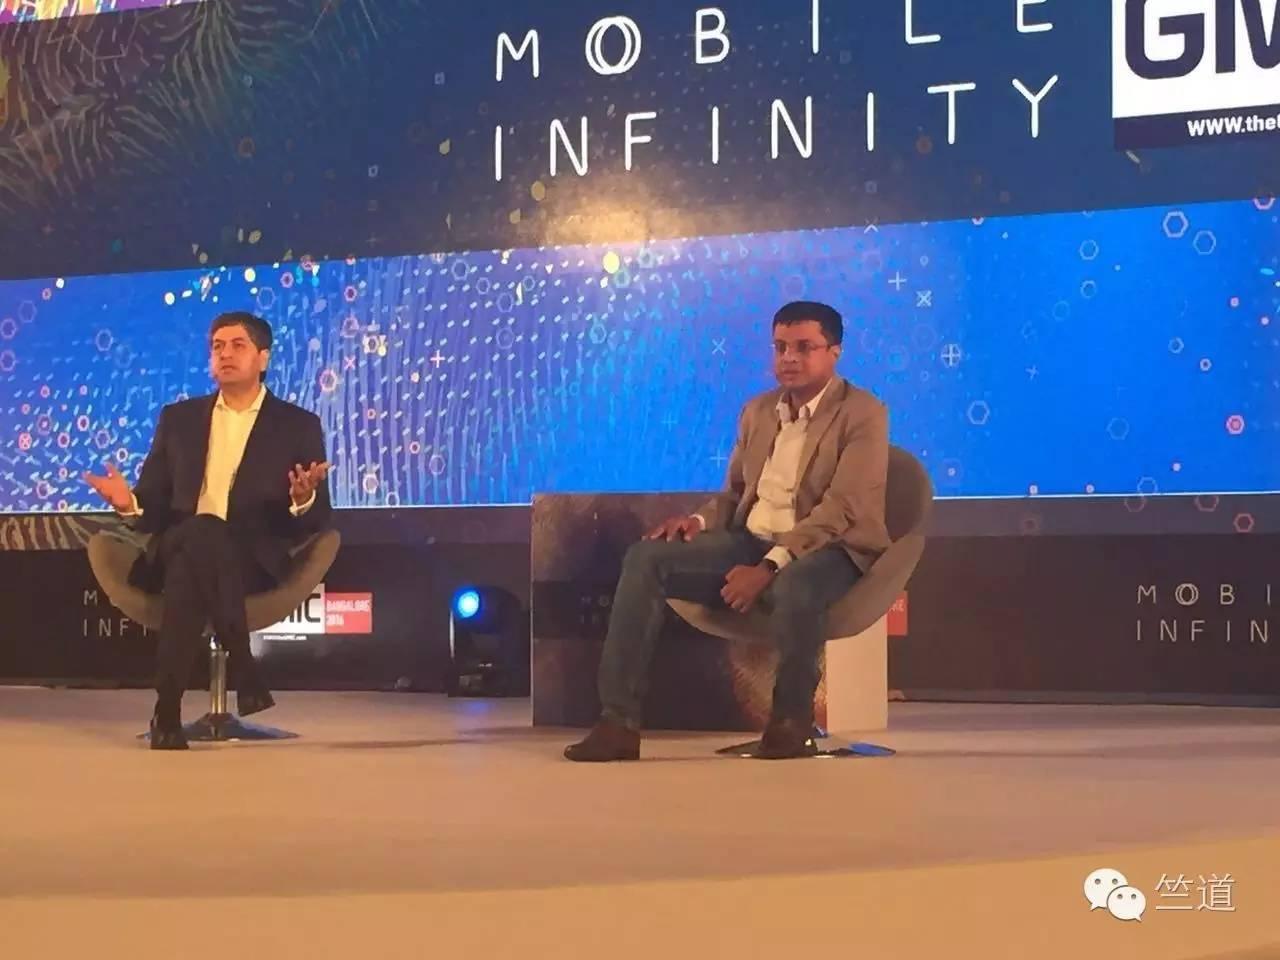 GMIC观察:当移动支付成为全民话题时,印度互联网迎来了新的升级点-竺道